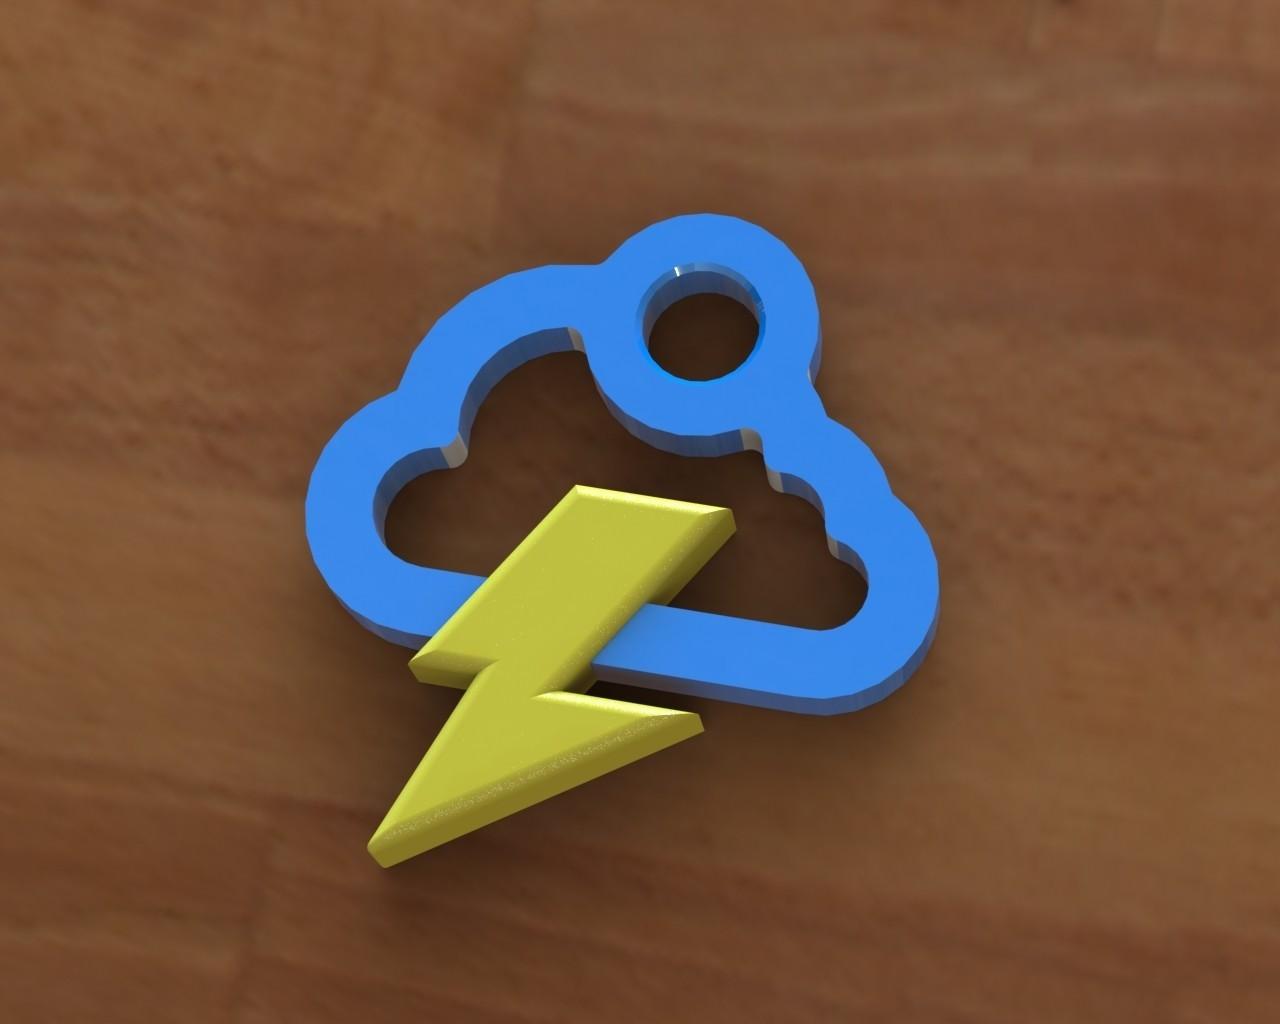 Storm cloud earring.JPG Download free STL file Storm cloud earring • 3D printer object, Majs84